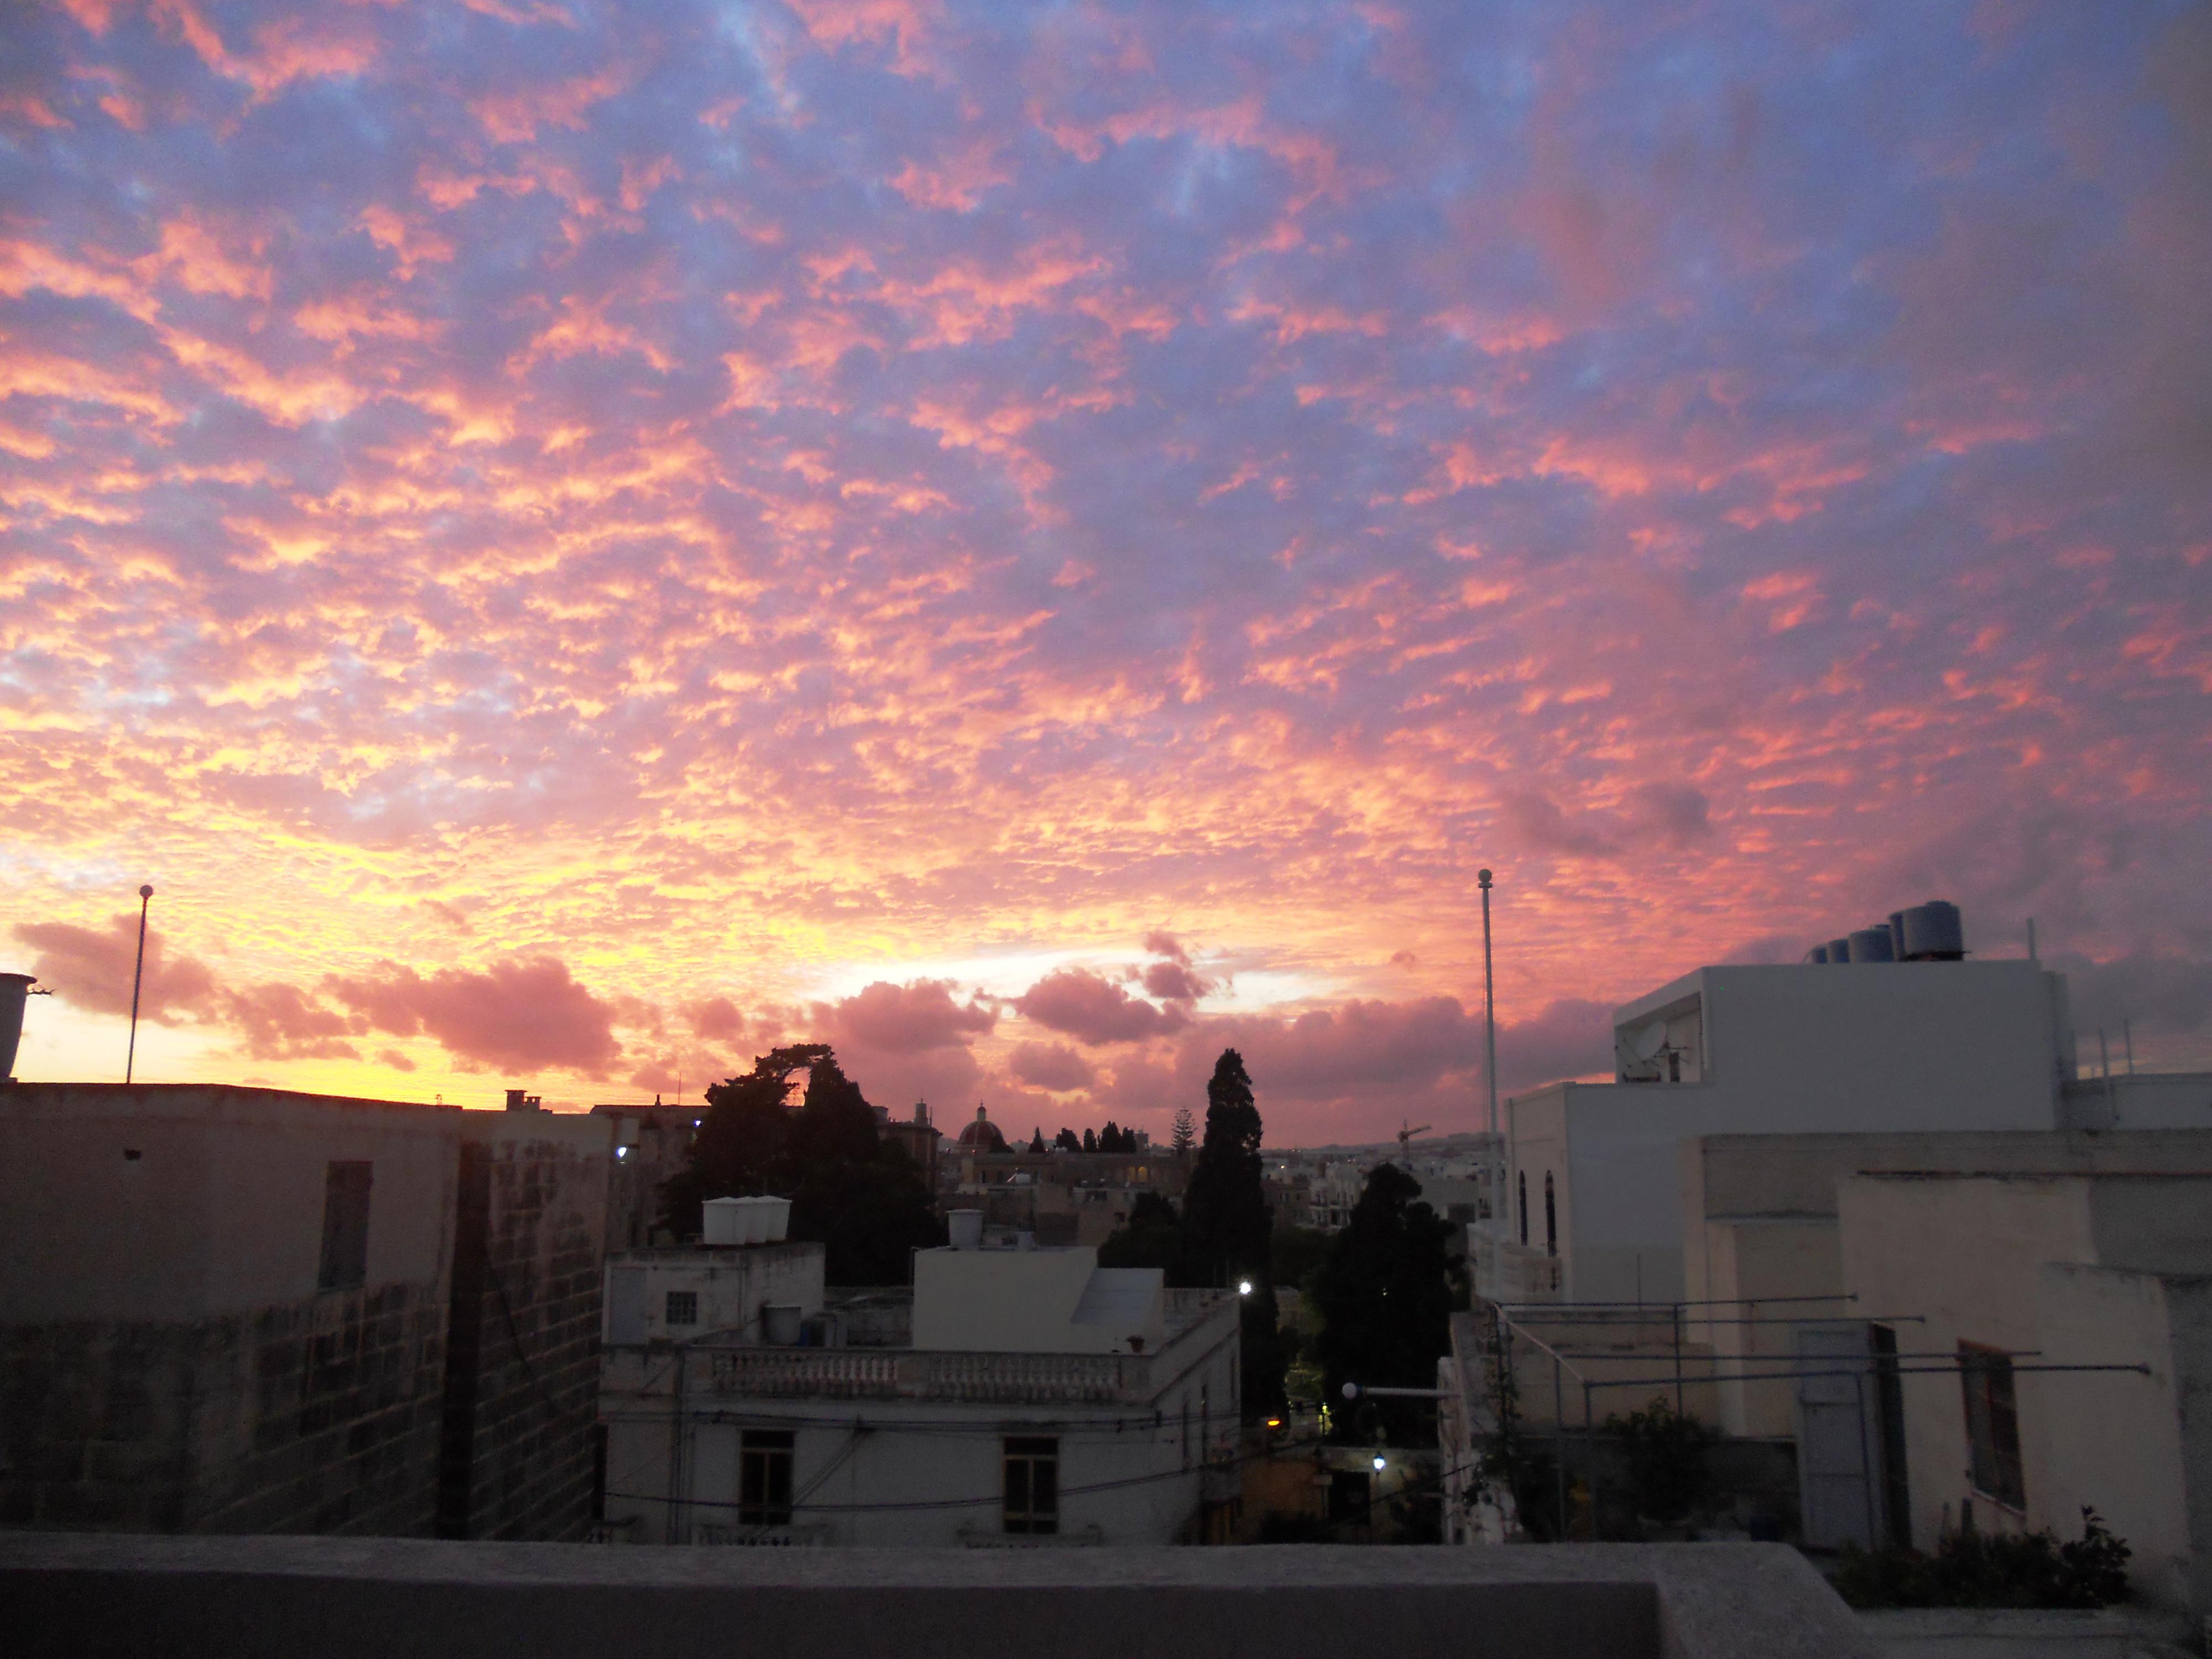 malte coucher de soleil terrasse du soir1 Quelques photos de ma retraite au soleil à Malte